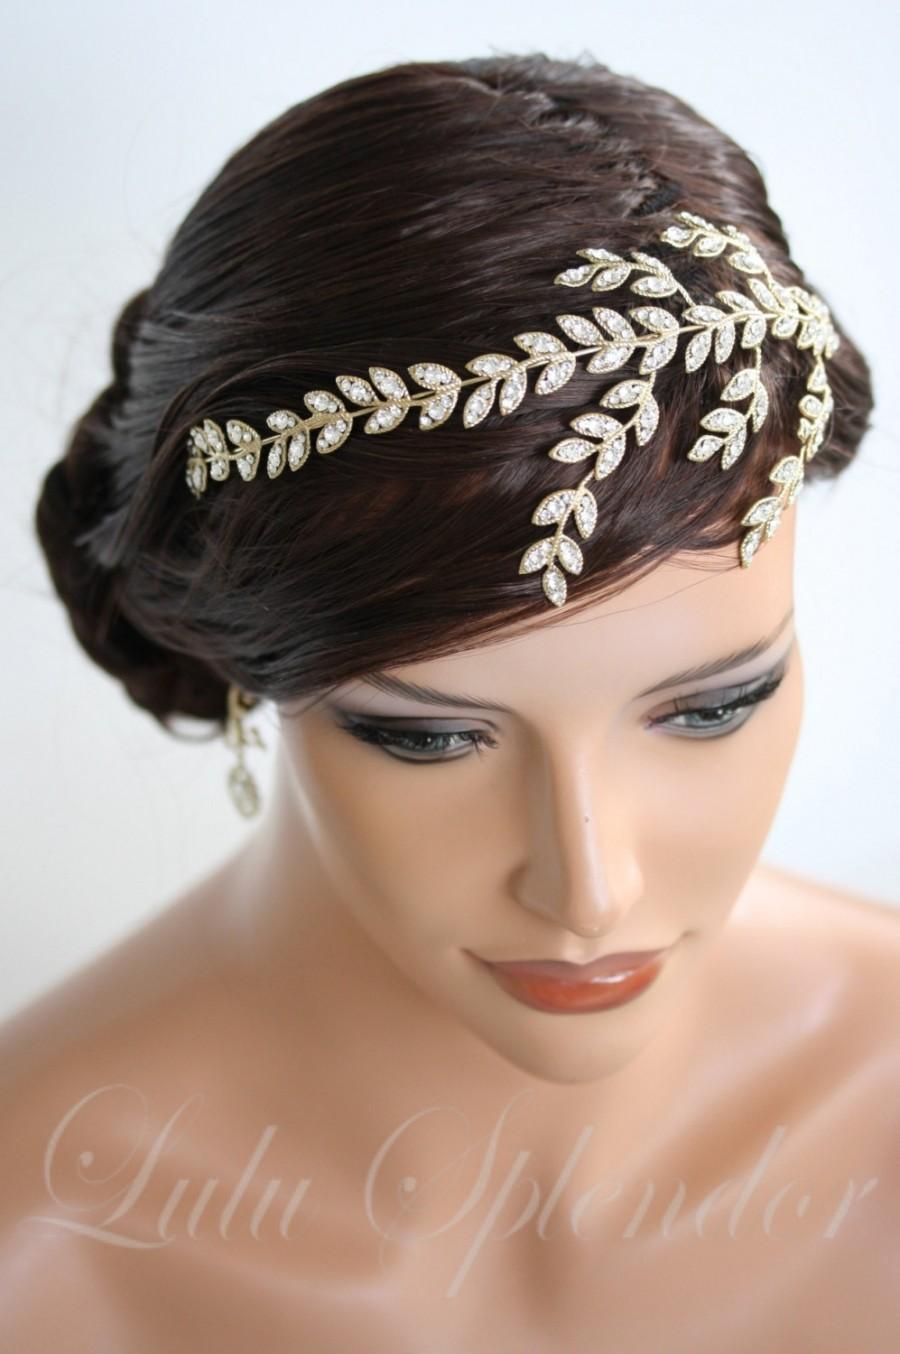 Gold Headband Crystal Leaf Wedding Headband Crystal Leaves Side Tiara  Wedding Hair Accessory Swarovski Rhinestone Bridal Headpiece NEVE d61102e96a9